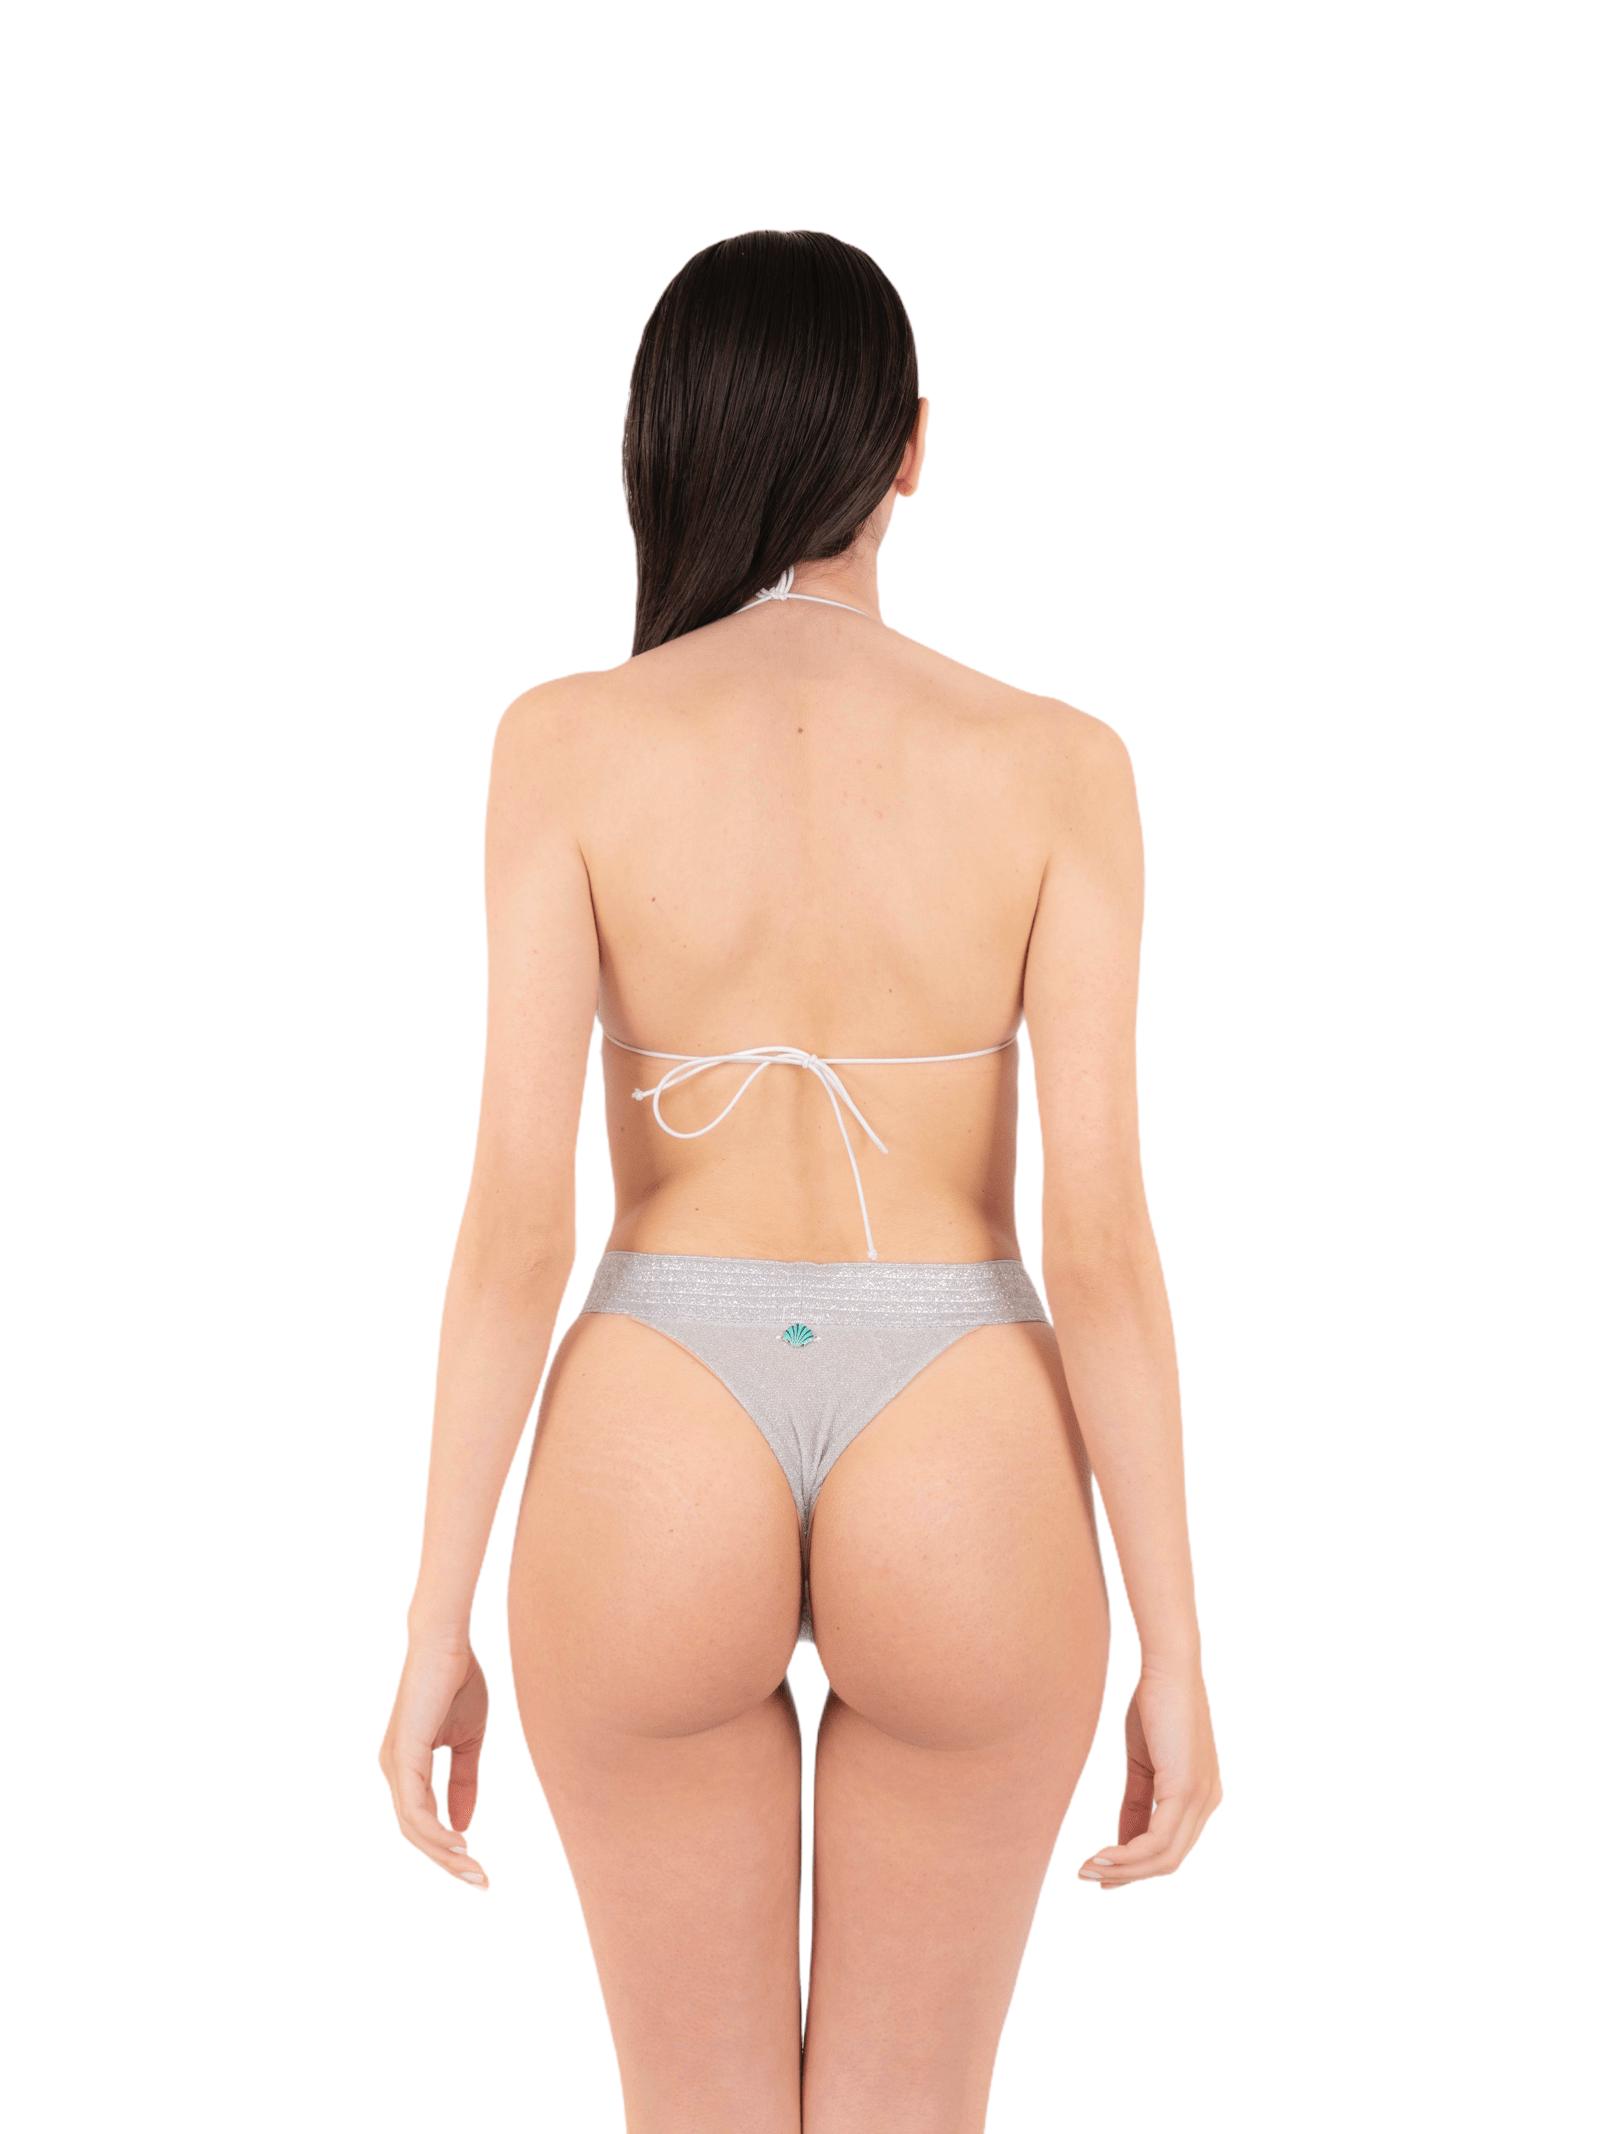 Bikini triangle with bandeau slip ANNAMARE | 23 | BK-113BIANCO